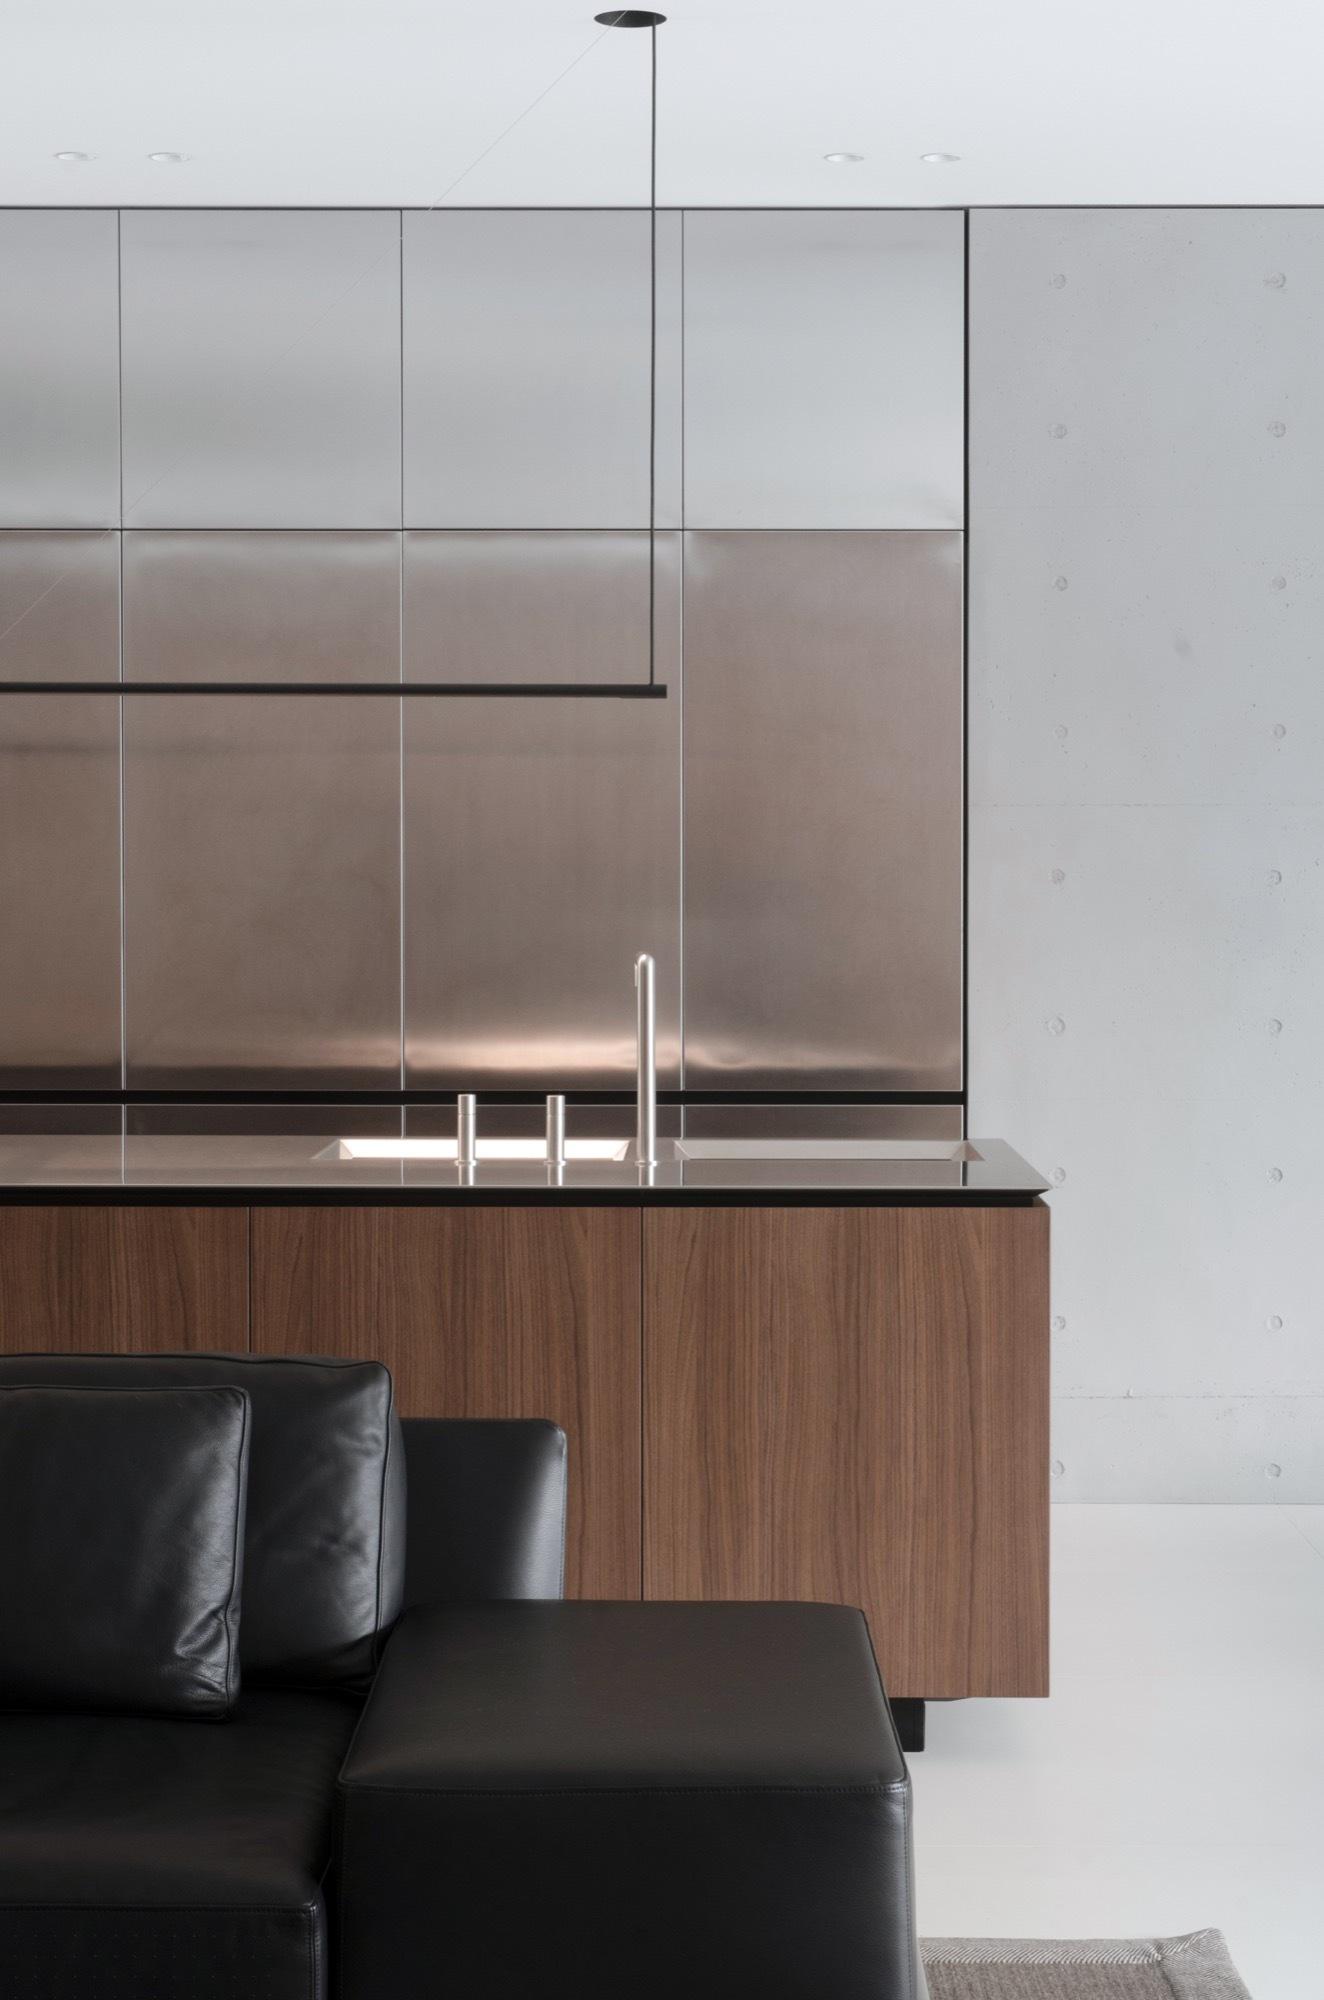 Galer a de casa piano line architects 6 for Casa piano sucursales